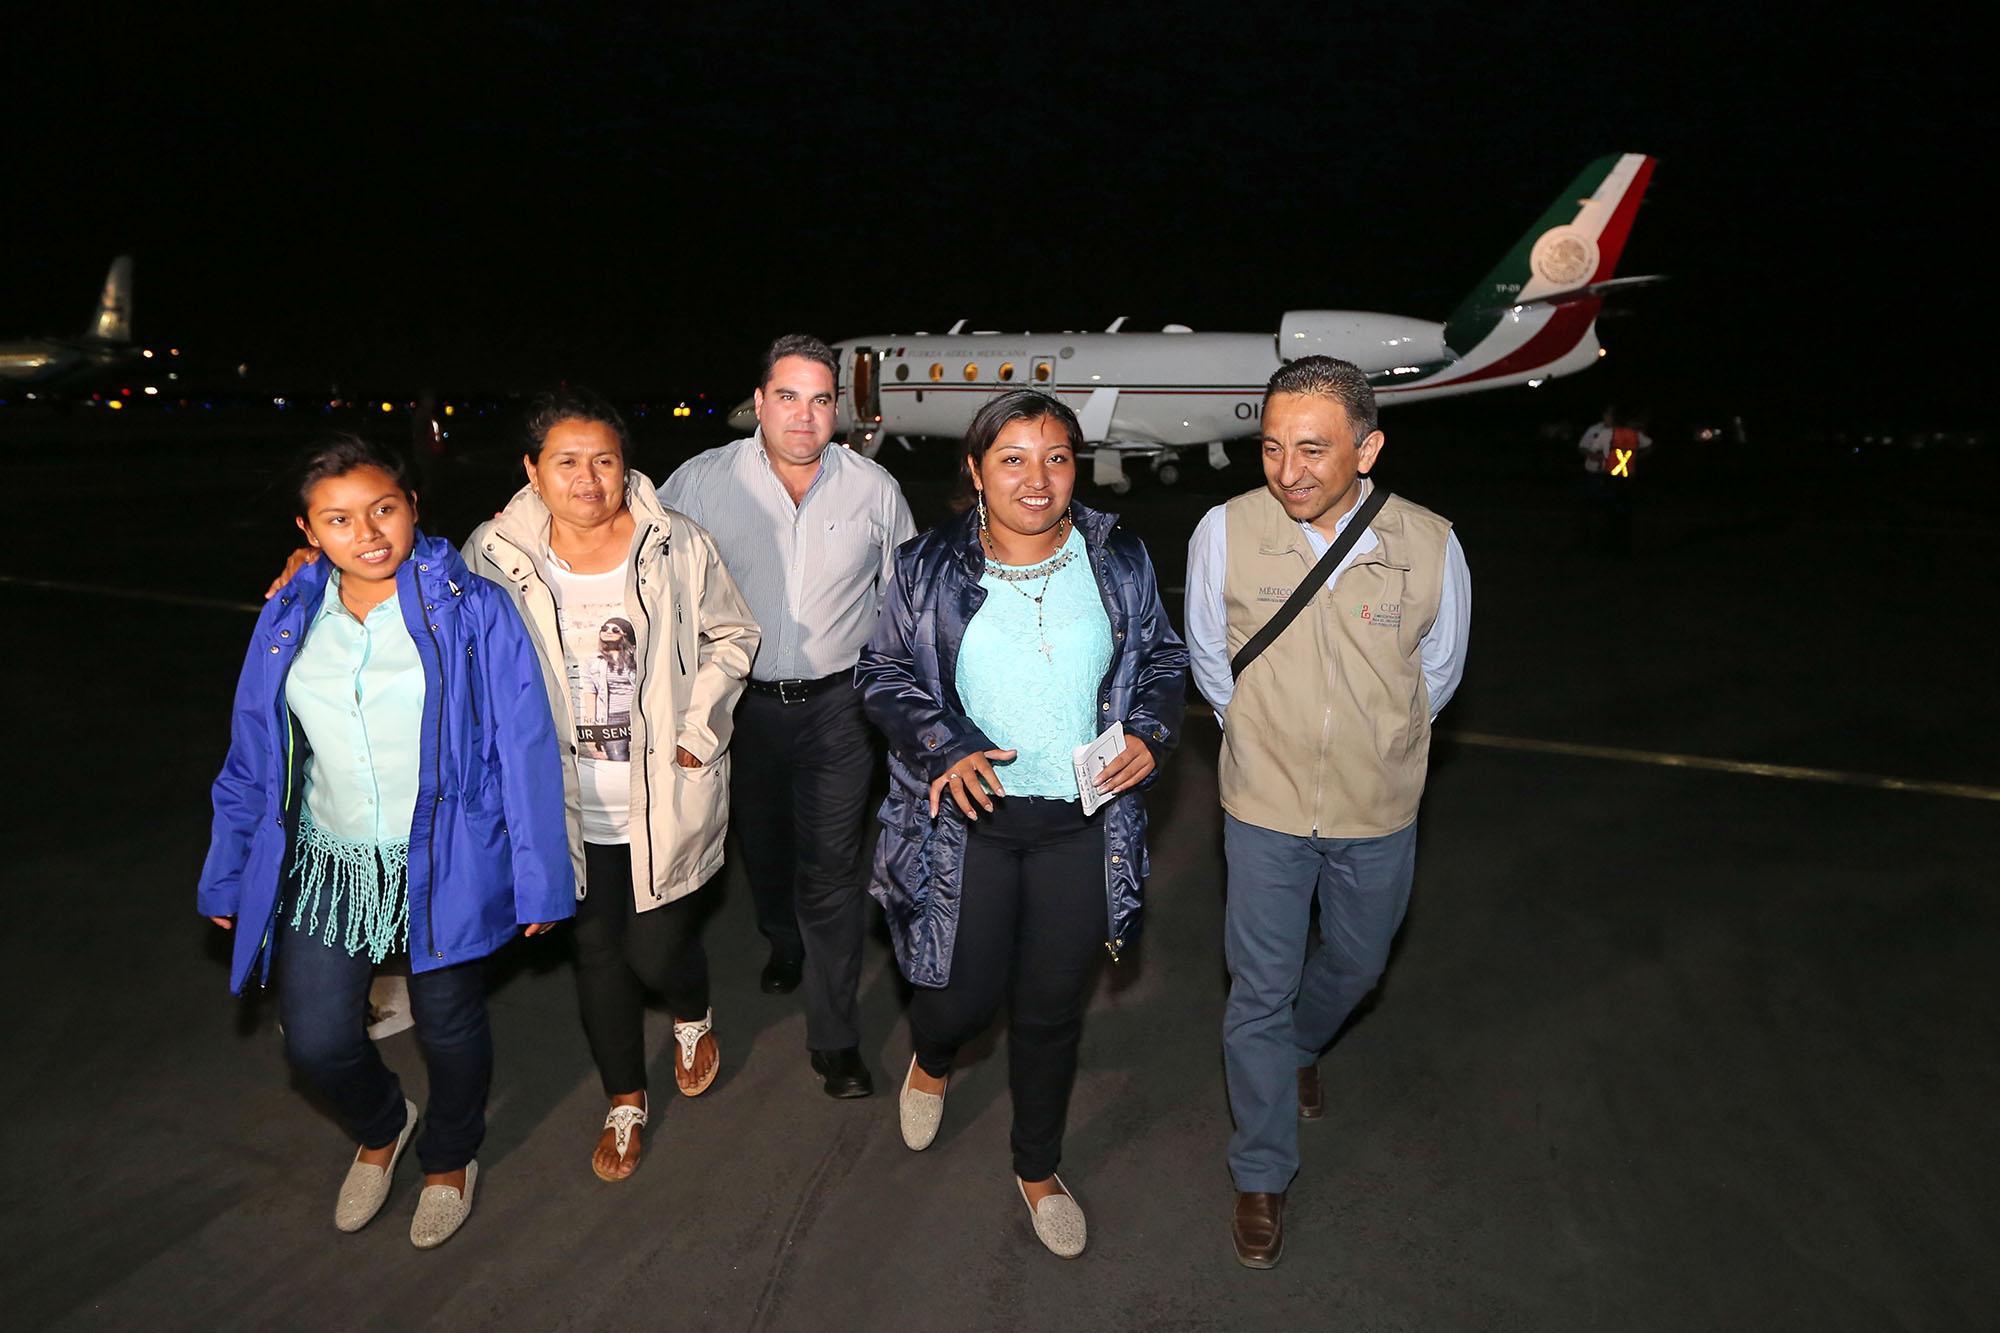 La niña maya y el viaje que, dice, cambió su vida